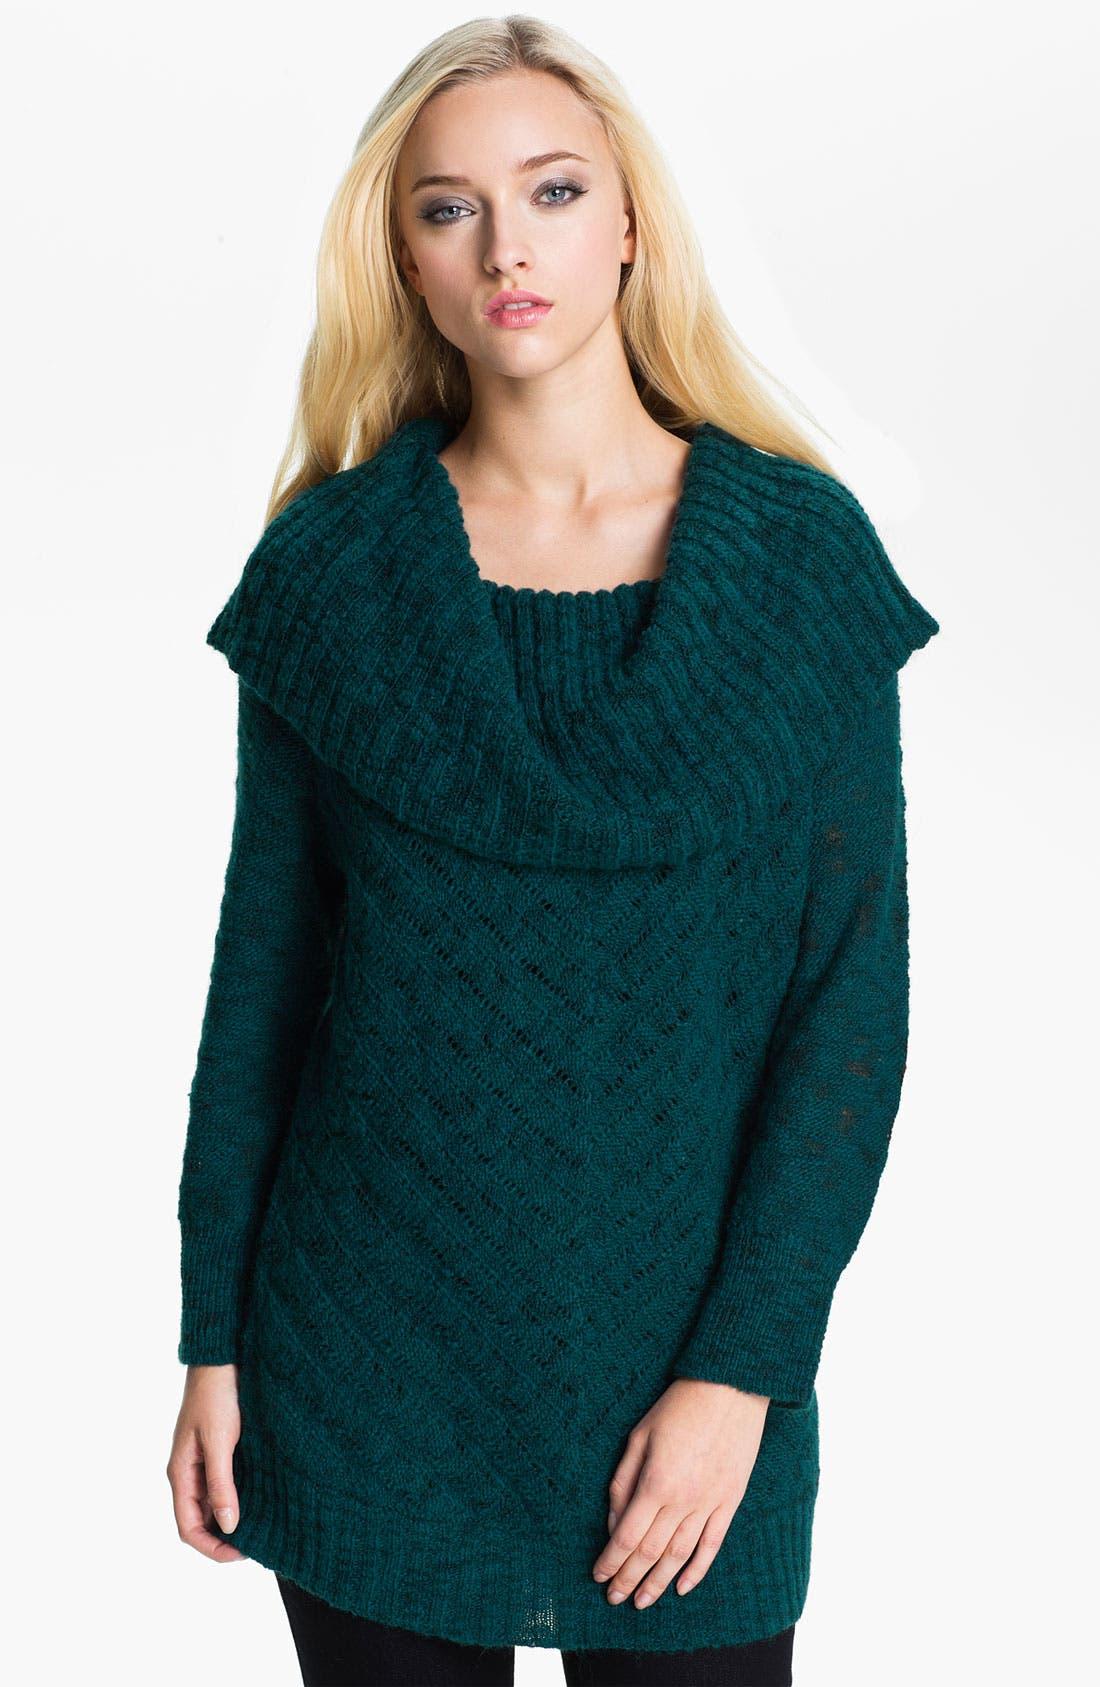 Main Image - Holistia 'Carioca Flame' Cowl Neck Sweater